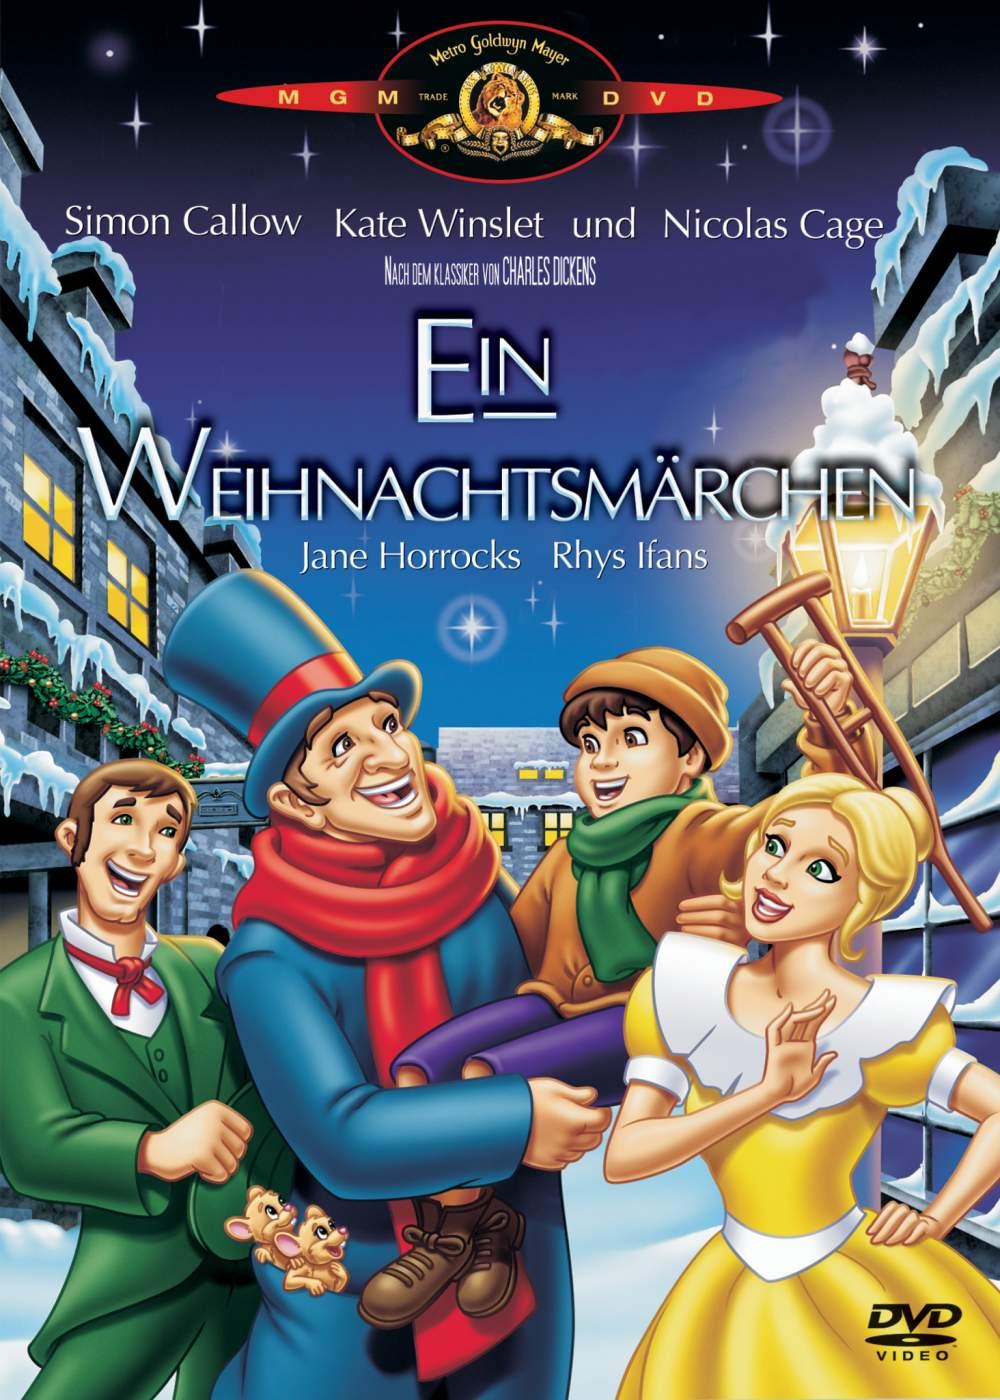 Weihnachtsmärchen Filme